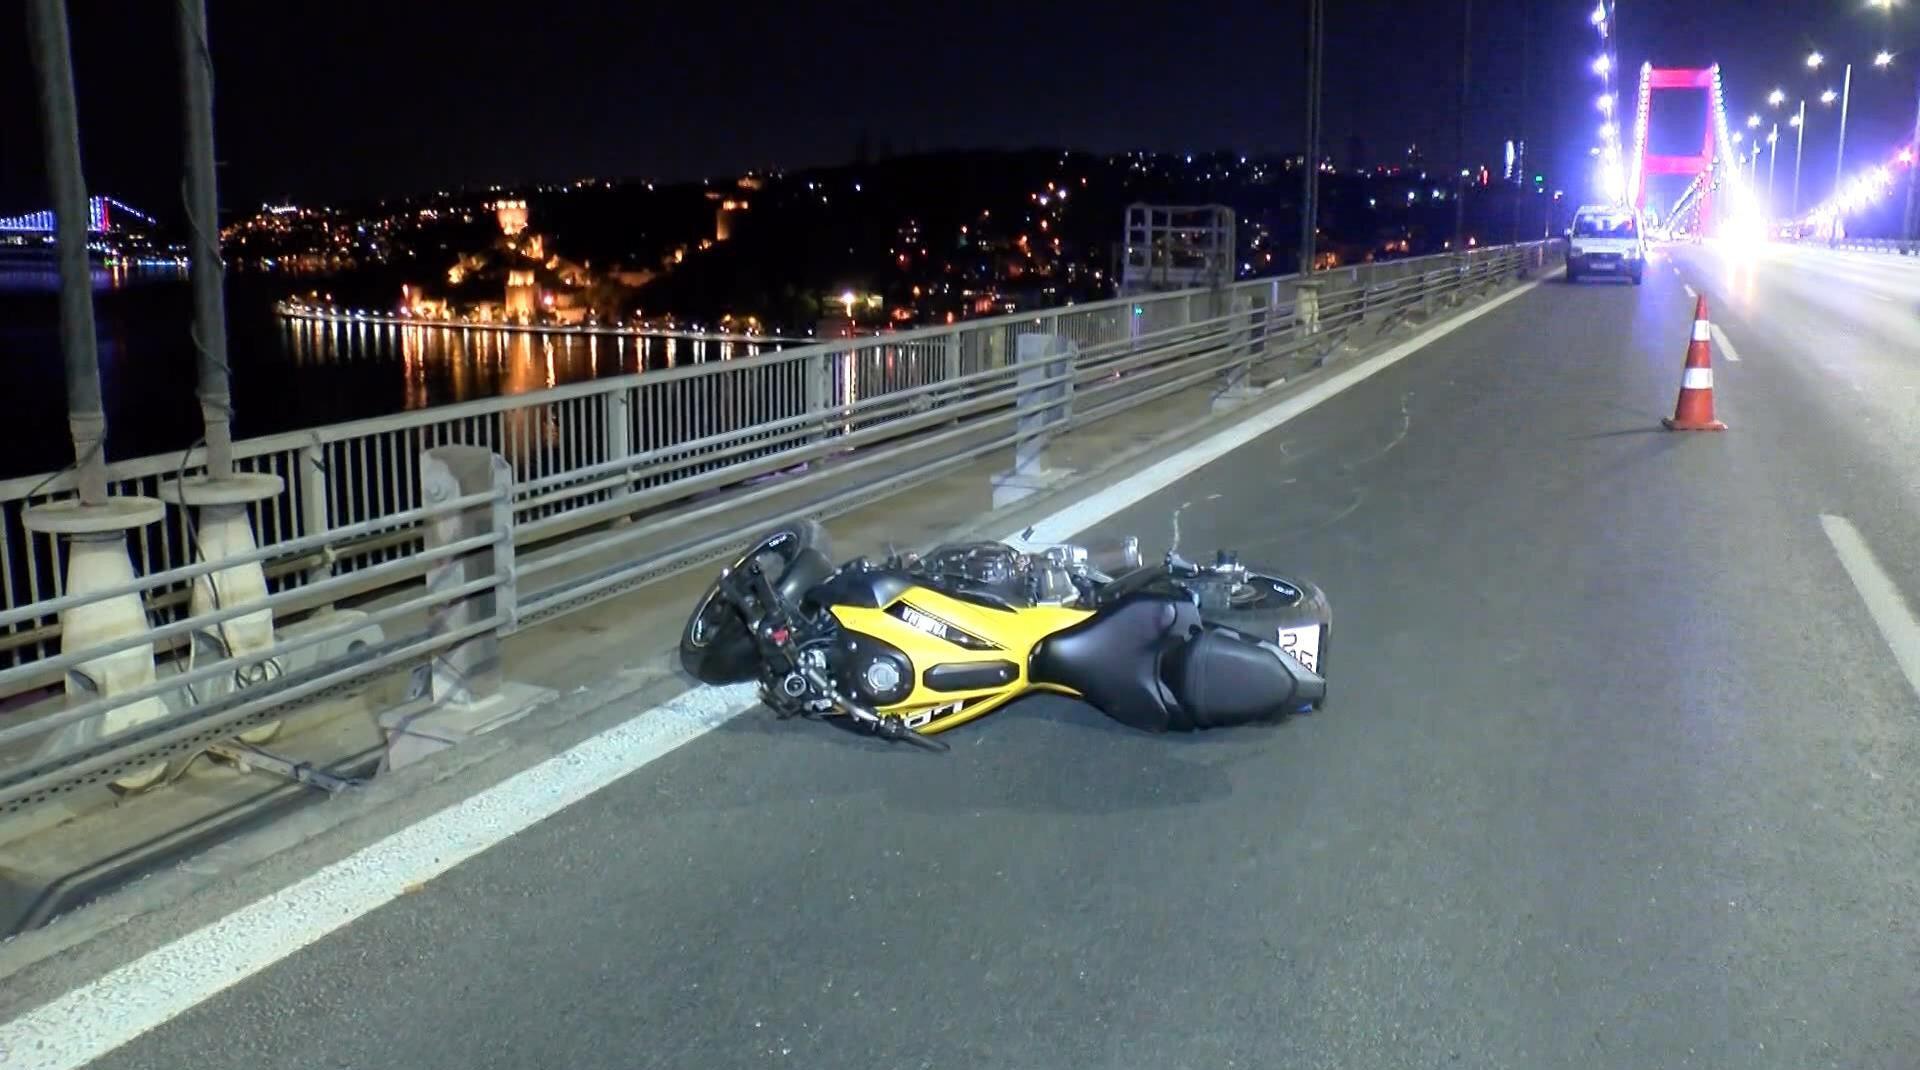 FSM Köprüsü'nde ön tekerini kaldırıp ilerleyen motosikletli dengesini kaybedince 250 metre sürüklendi.